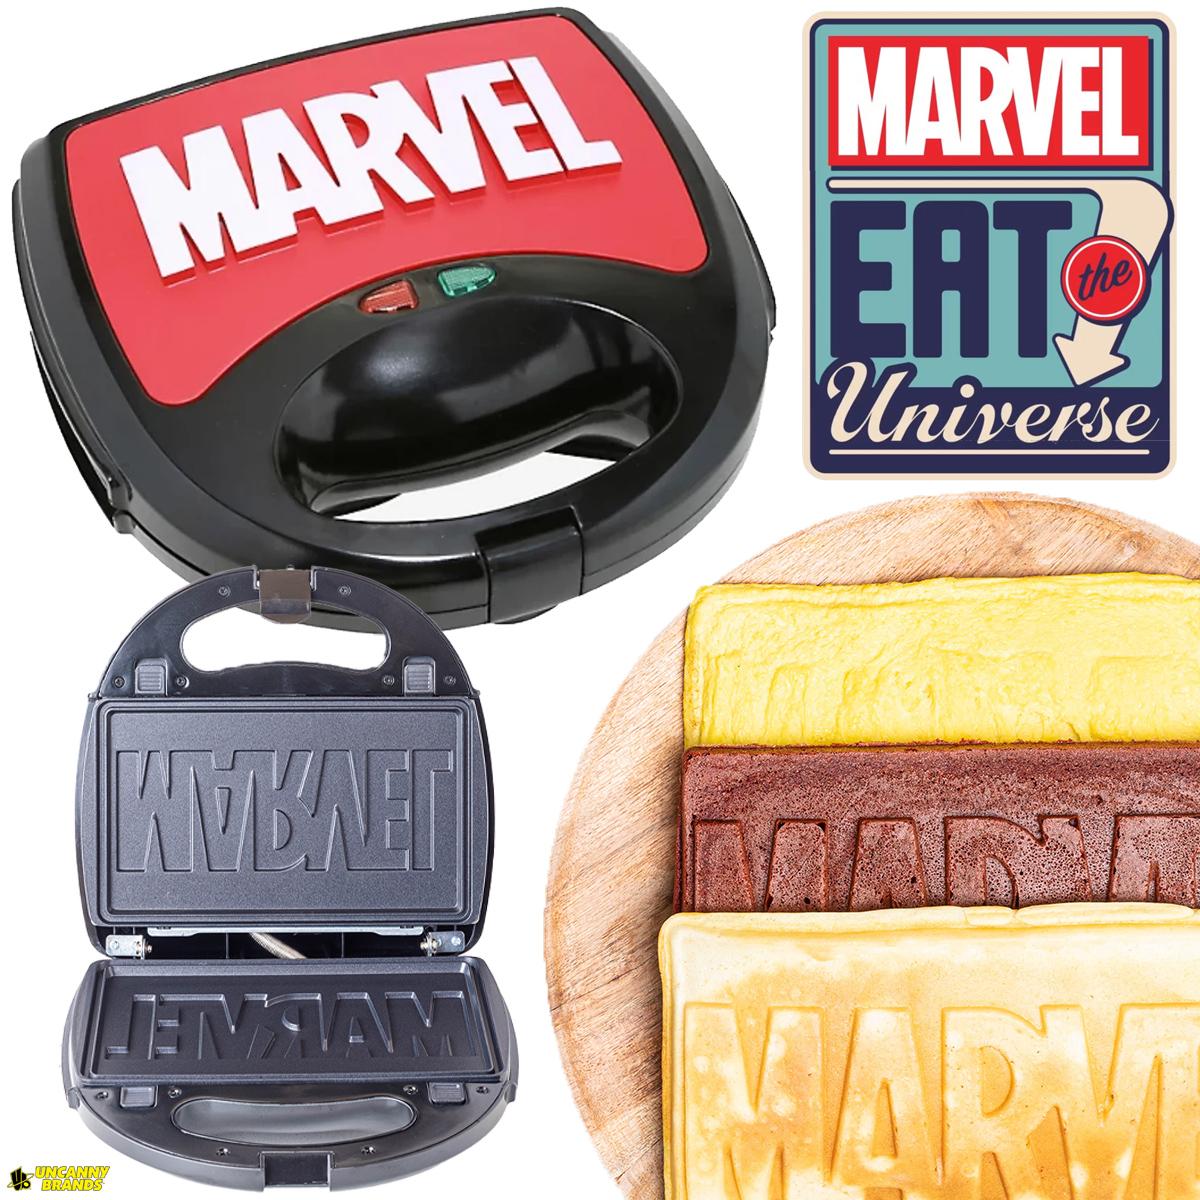 Marvel Eat the Universe 3-em-1 para Fazer Waffles, Omeletes e Bolos na Forma do Logo Marvel